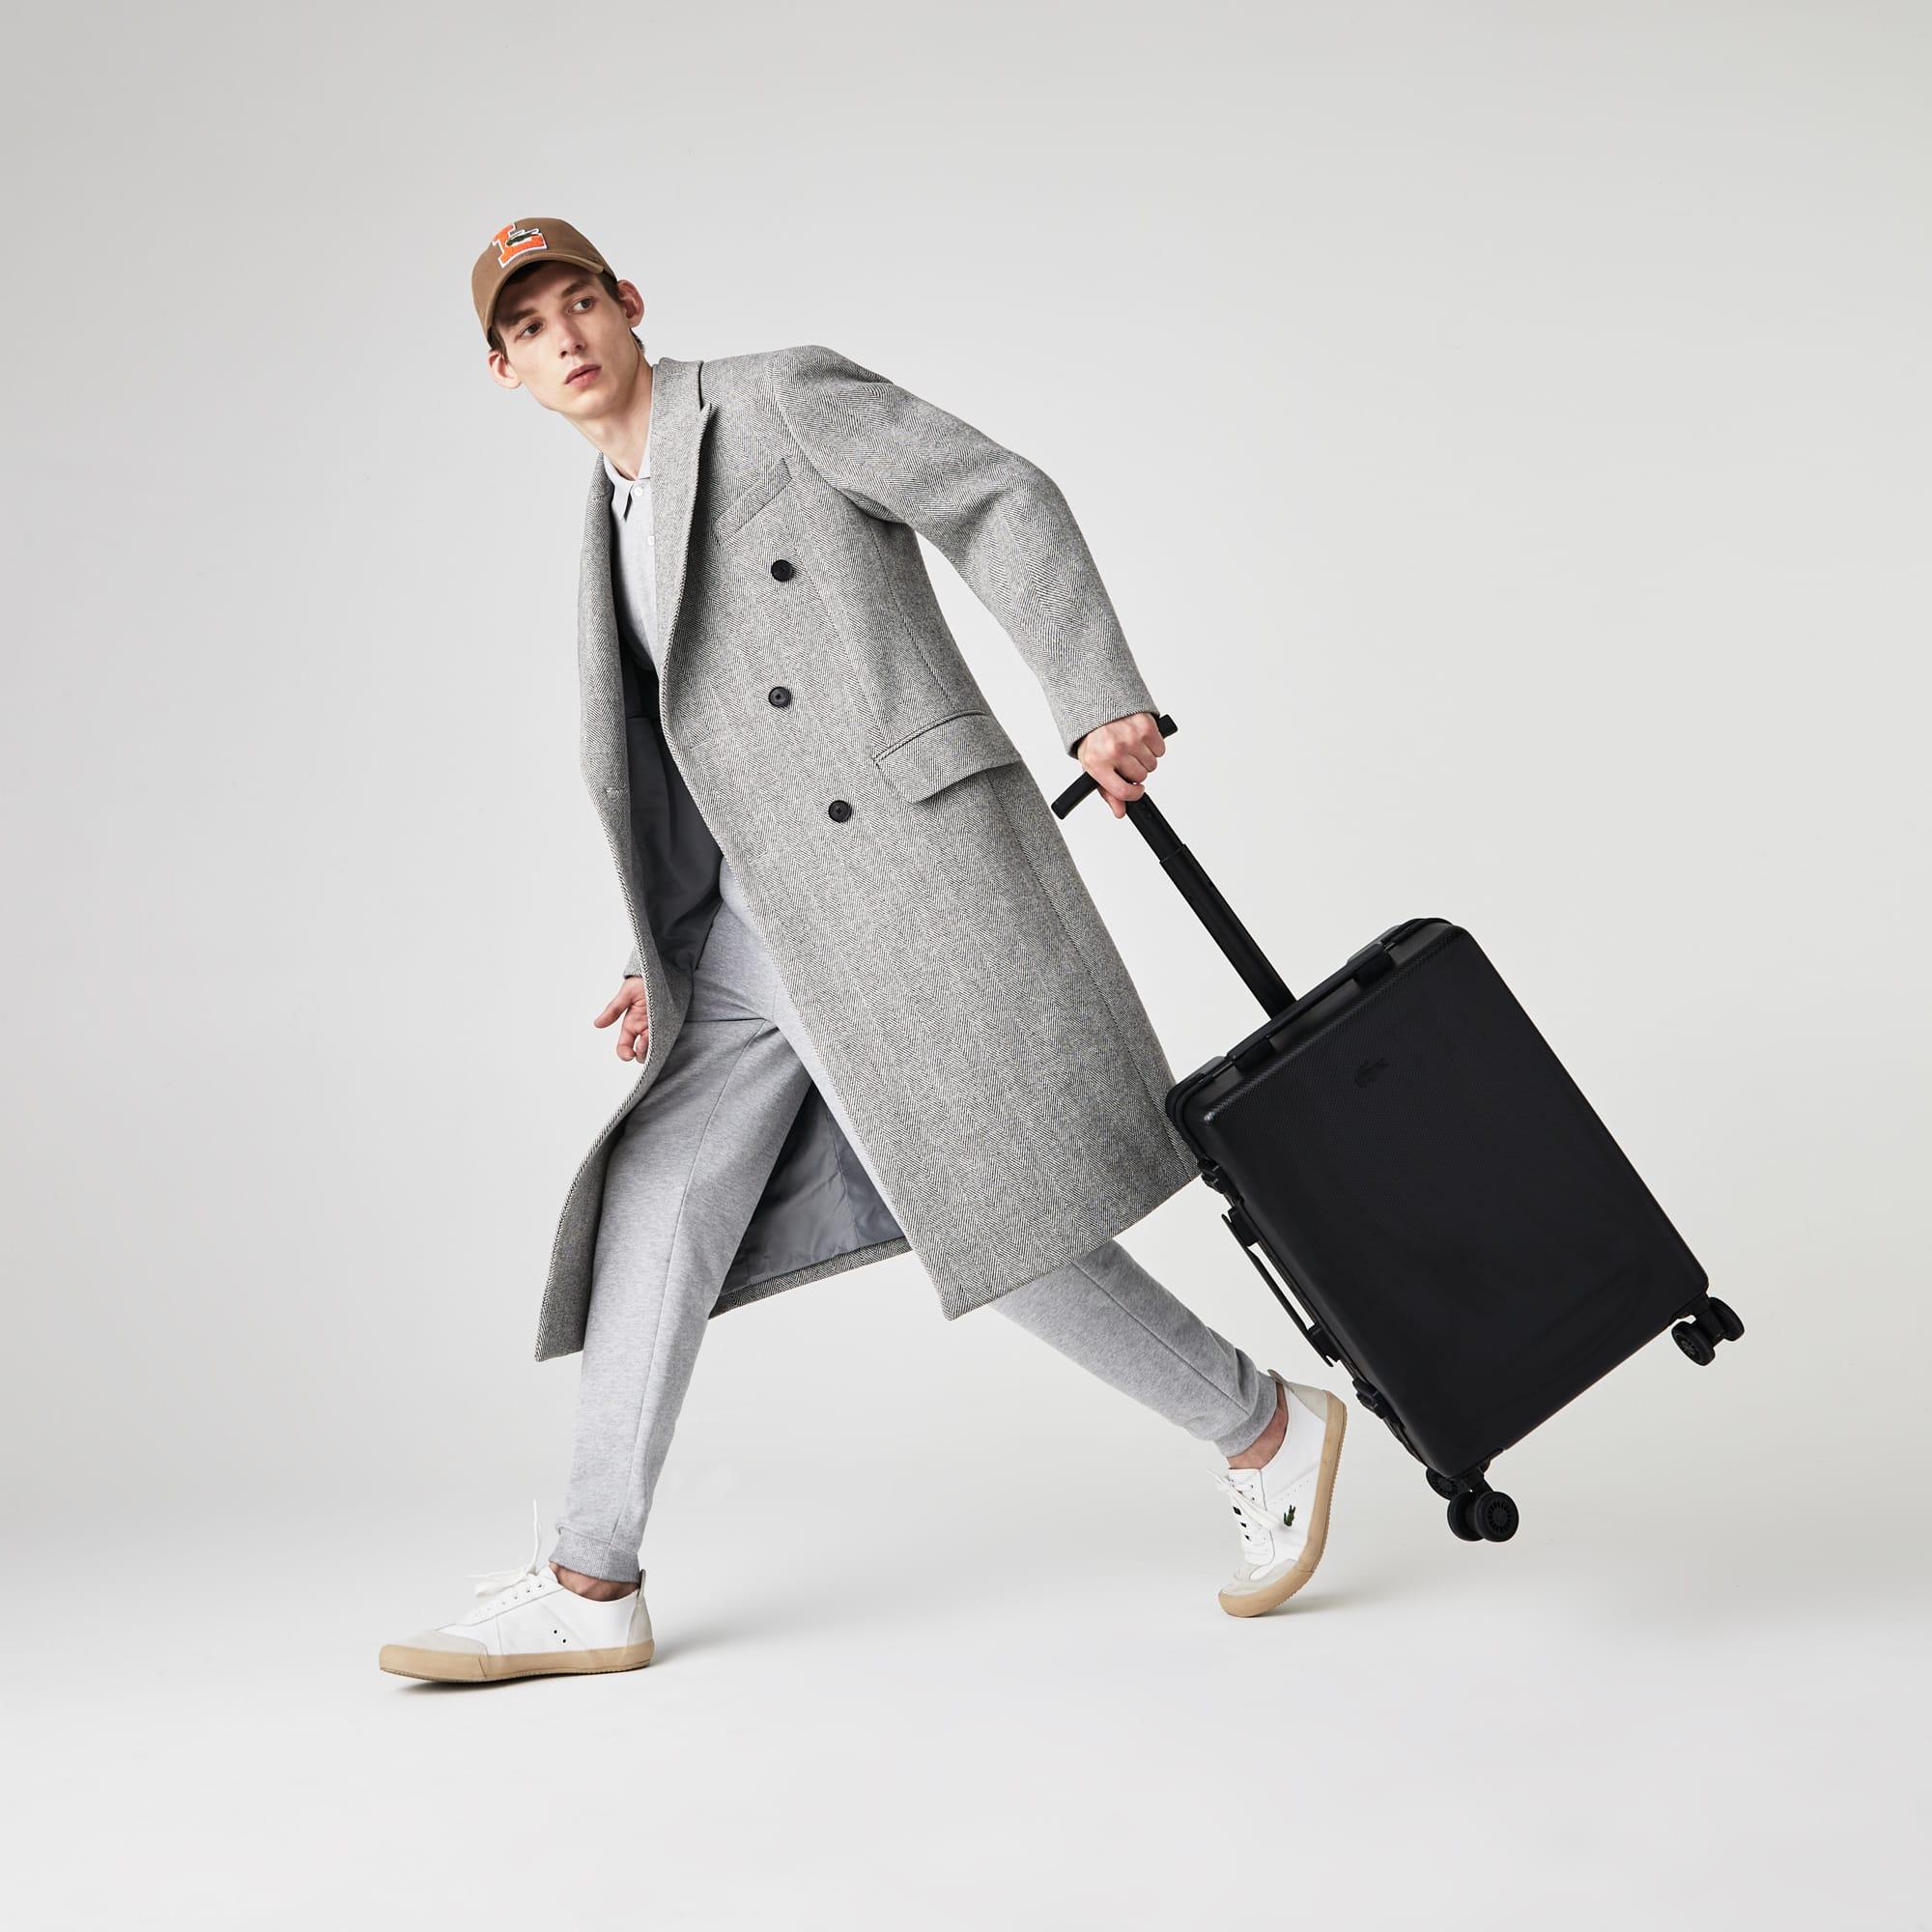 d922108b64 Men s Bags